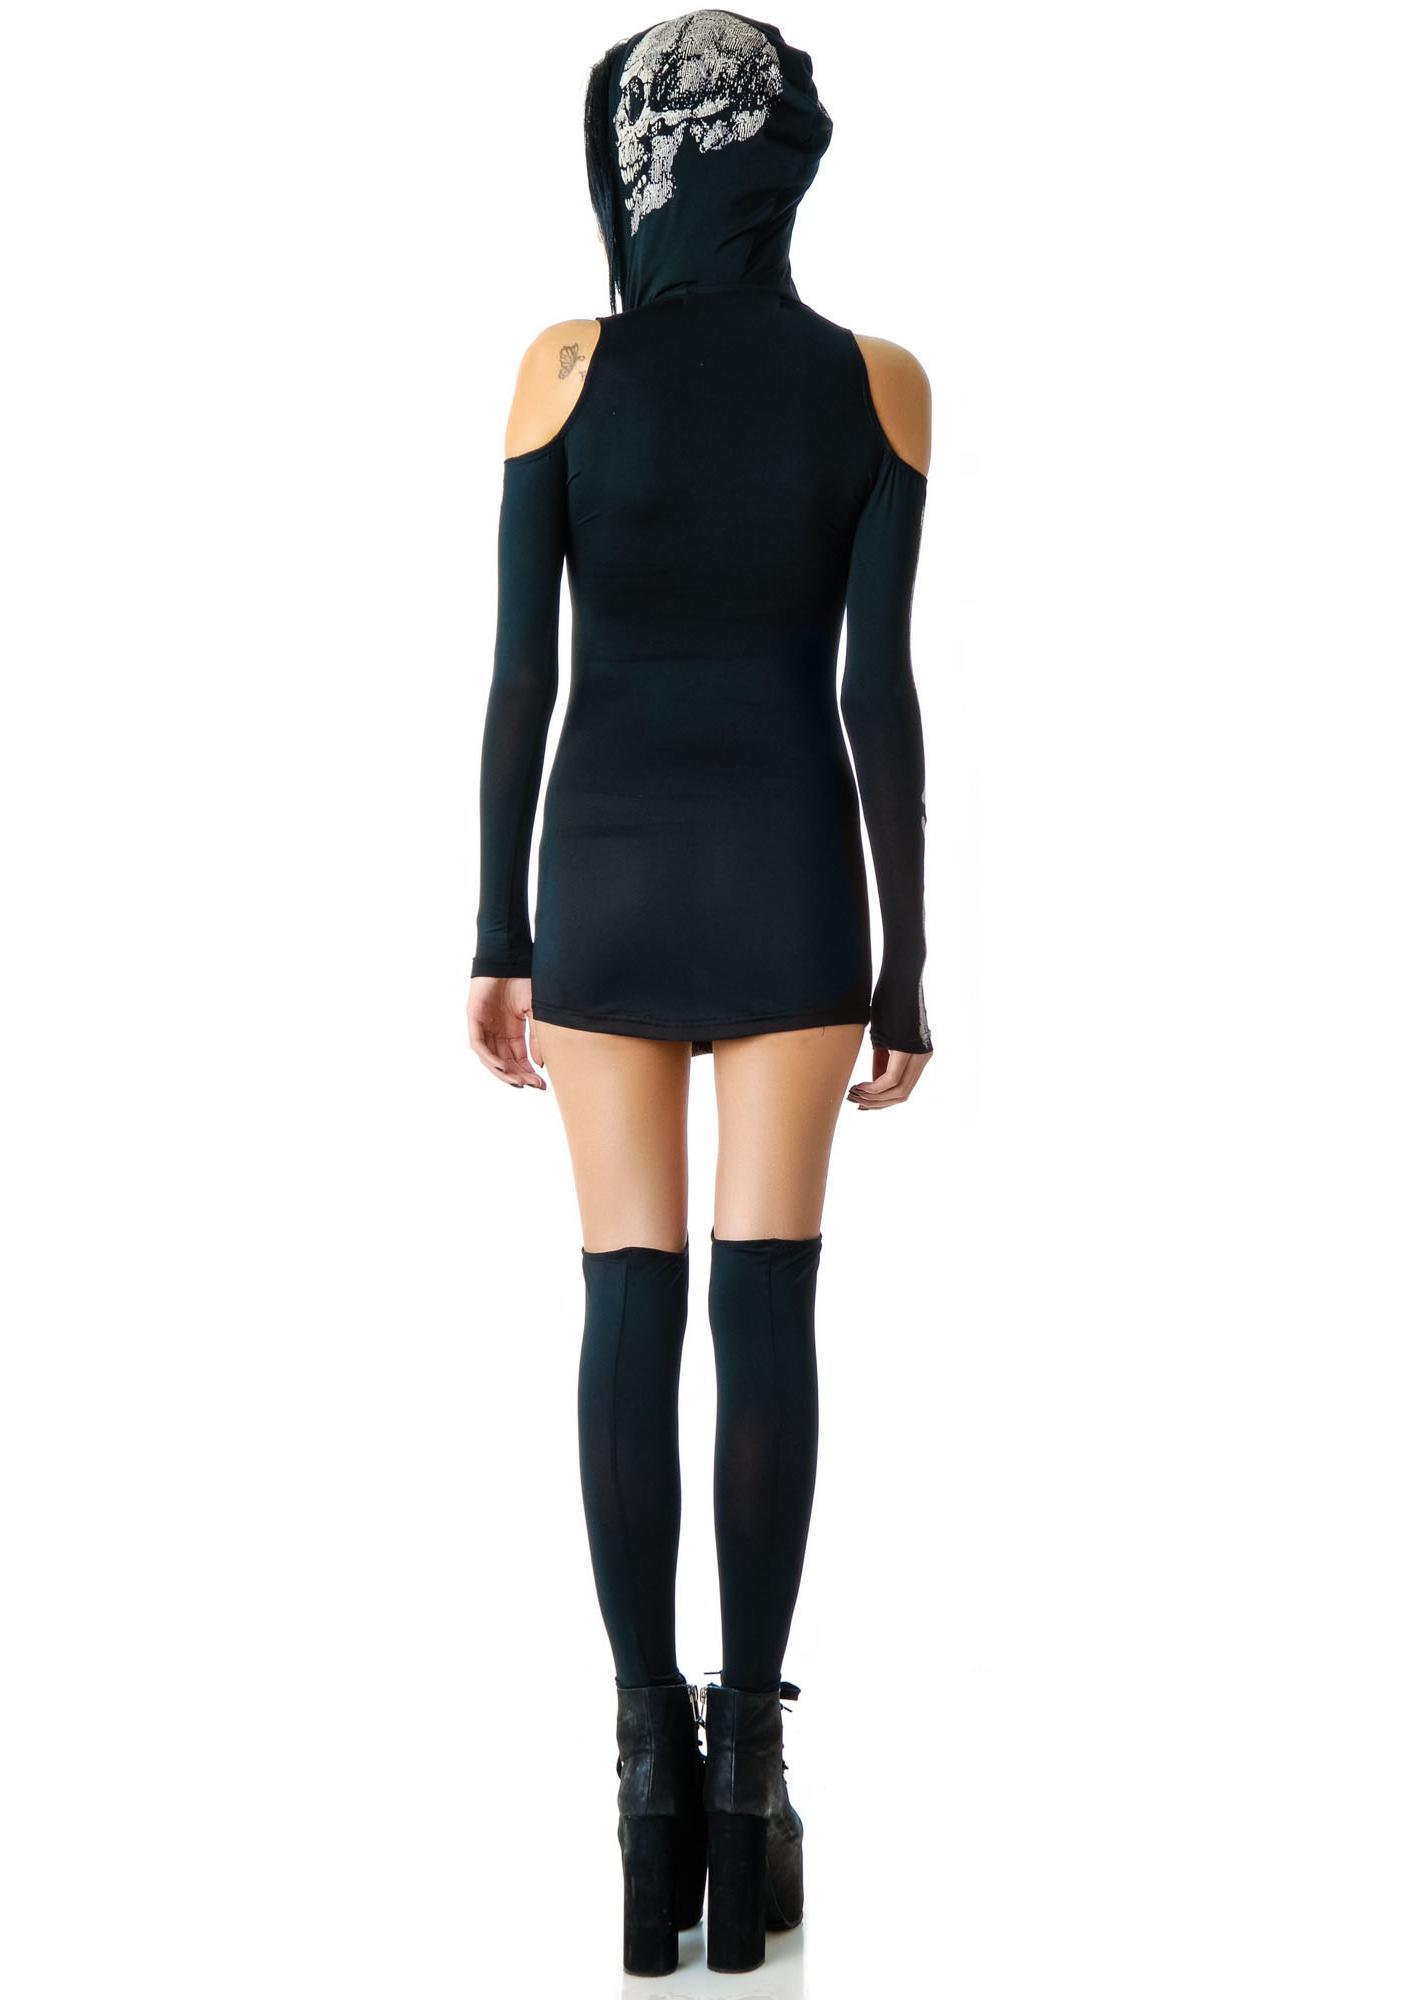 Lip Service X-Rayed Dress